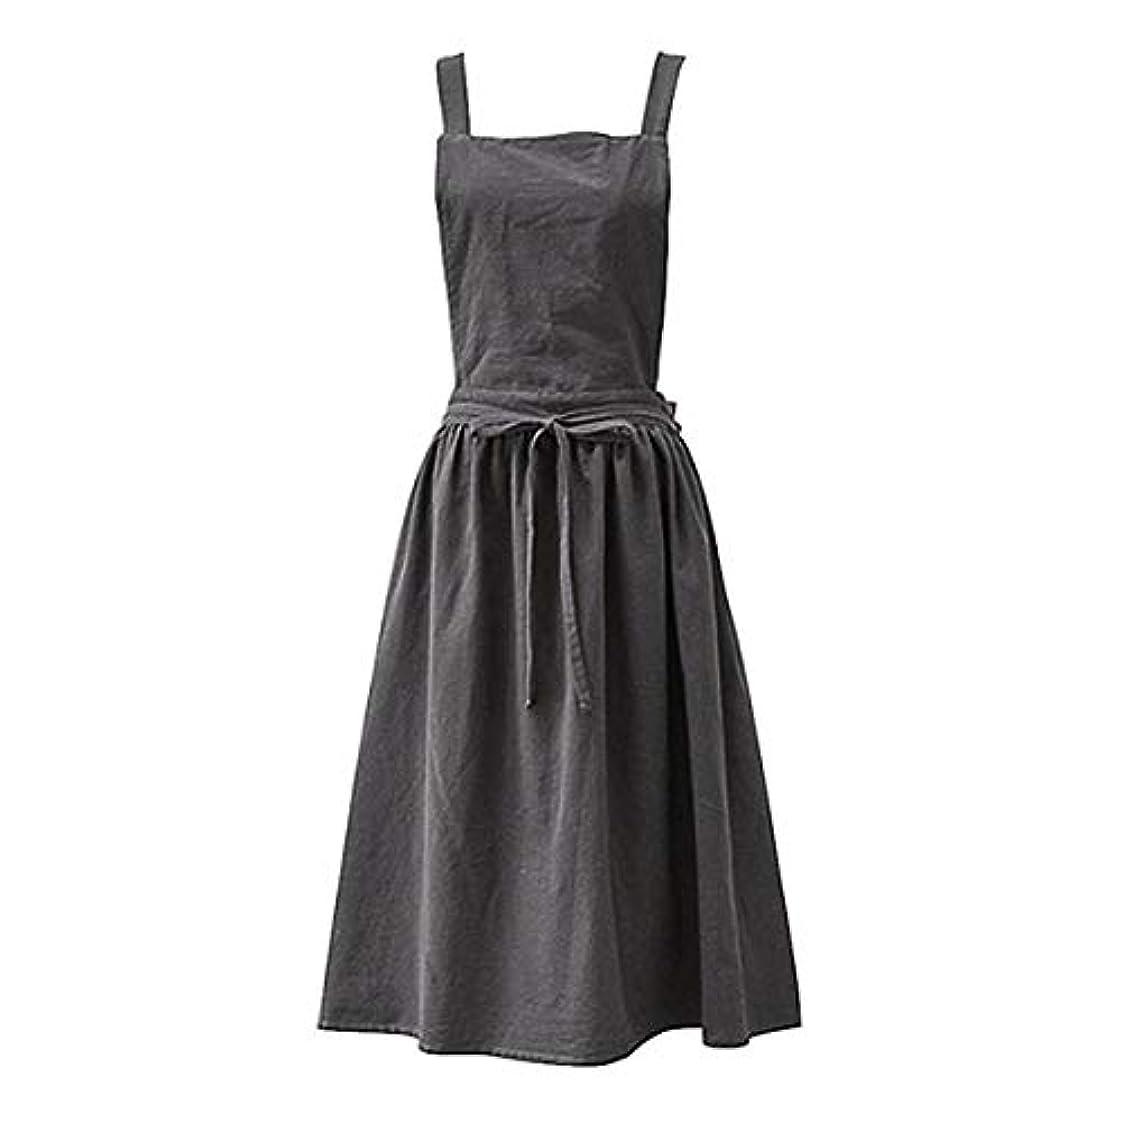 有罪メロドラマ休日Aprons for the Kitchen Simple Washed Cotton Uniform Aprons for Woman Kitchen apron Cooking Coffee Shop apron for women Charcoal grey